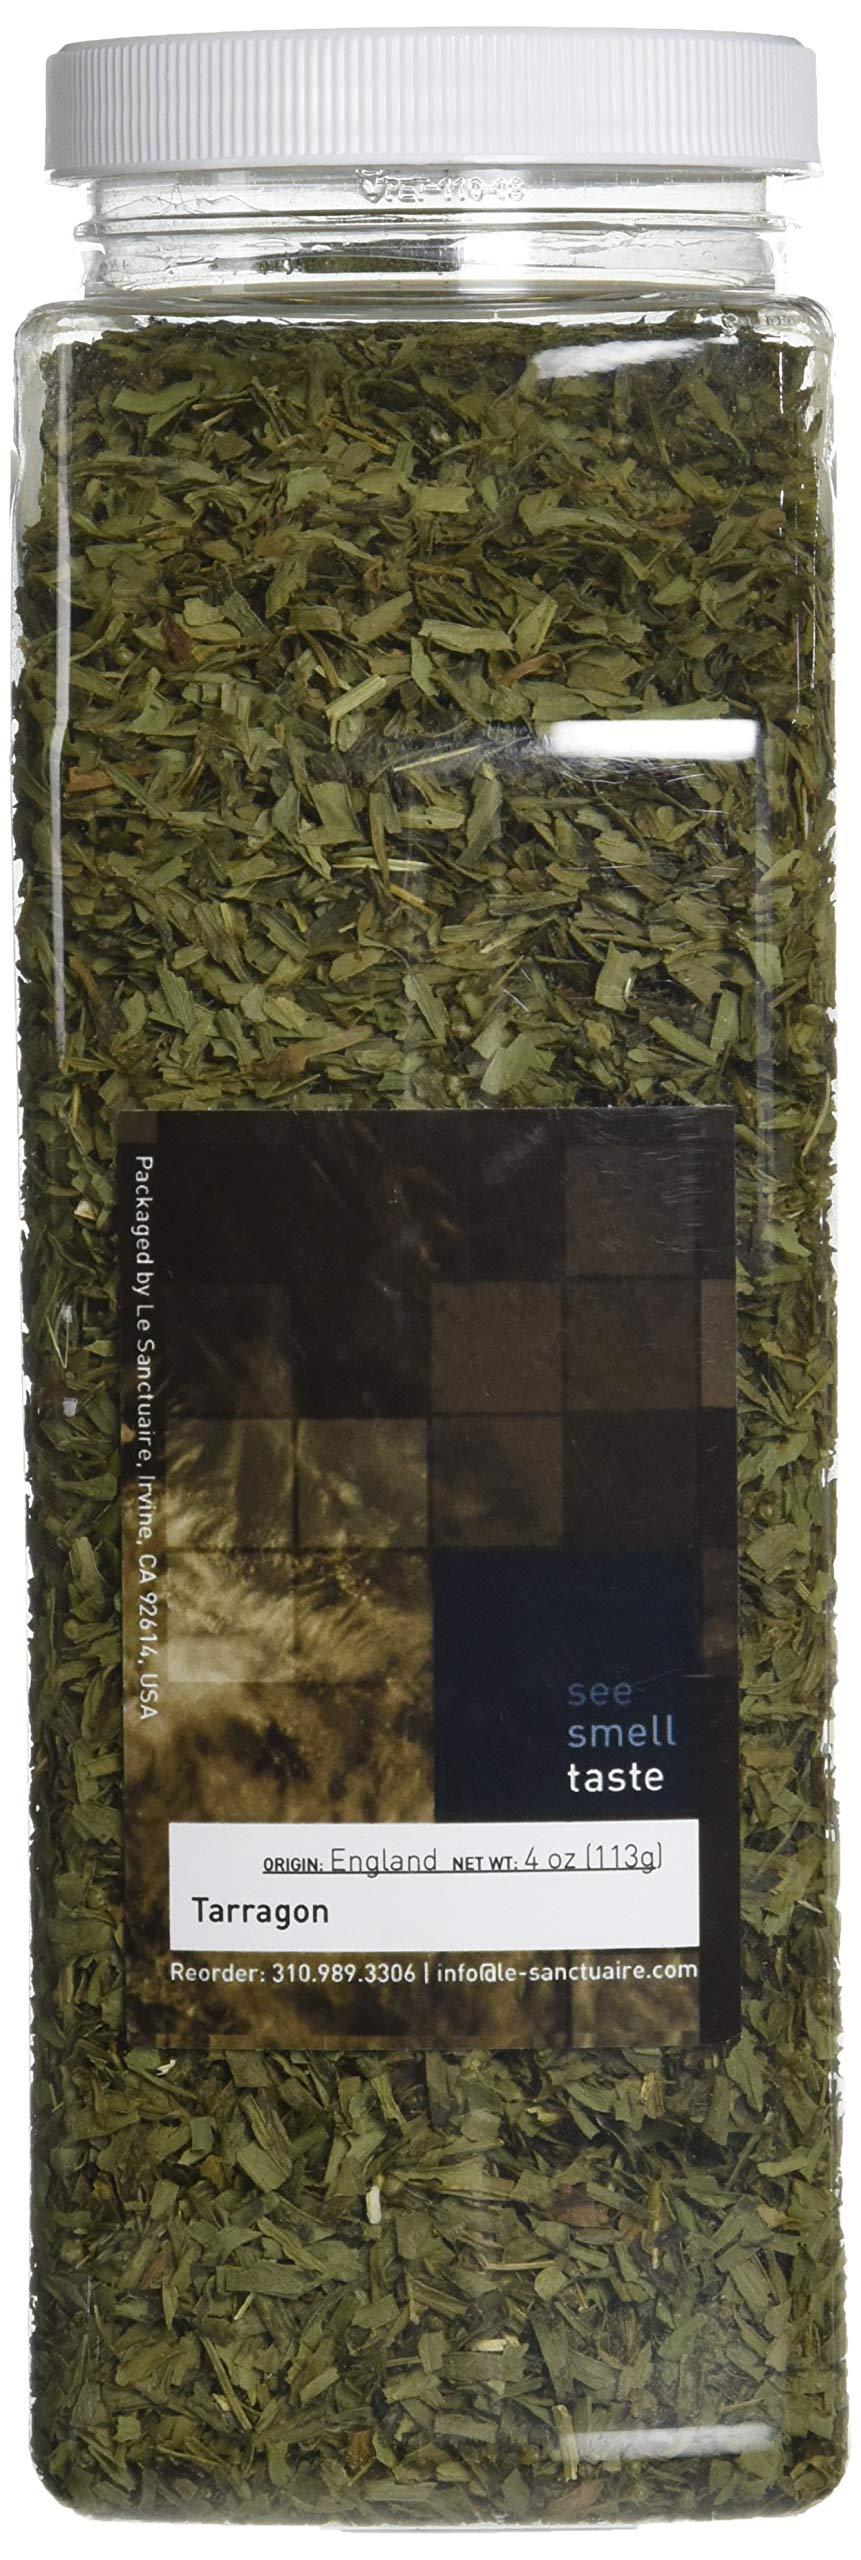 See Smell Taste Tarragon, 0.25 Pound